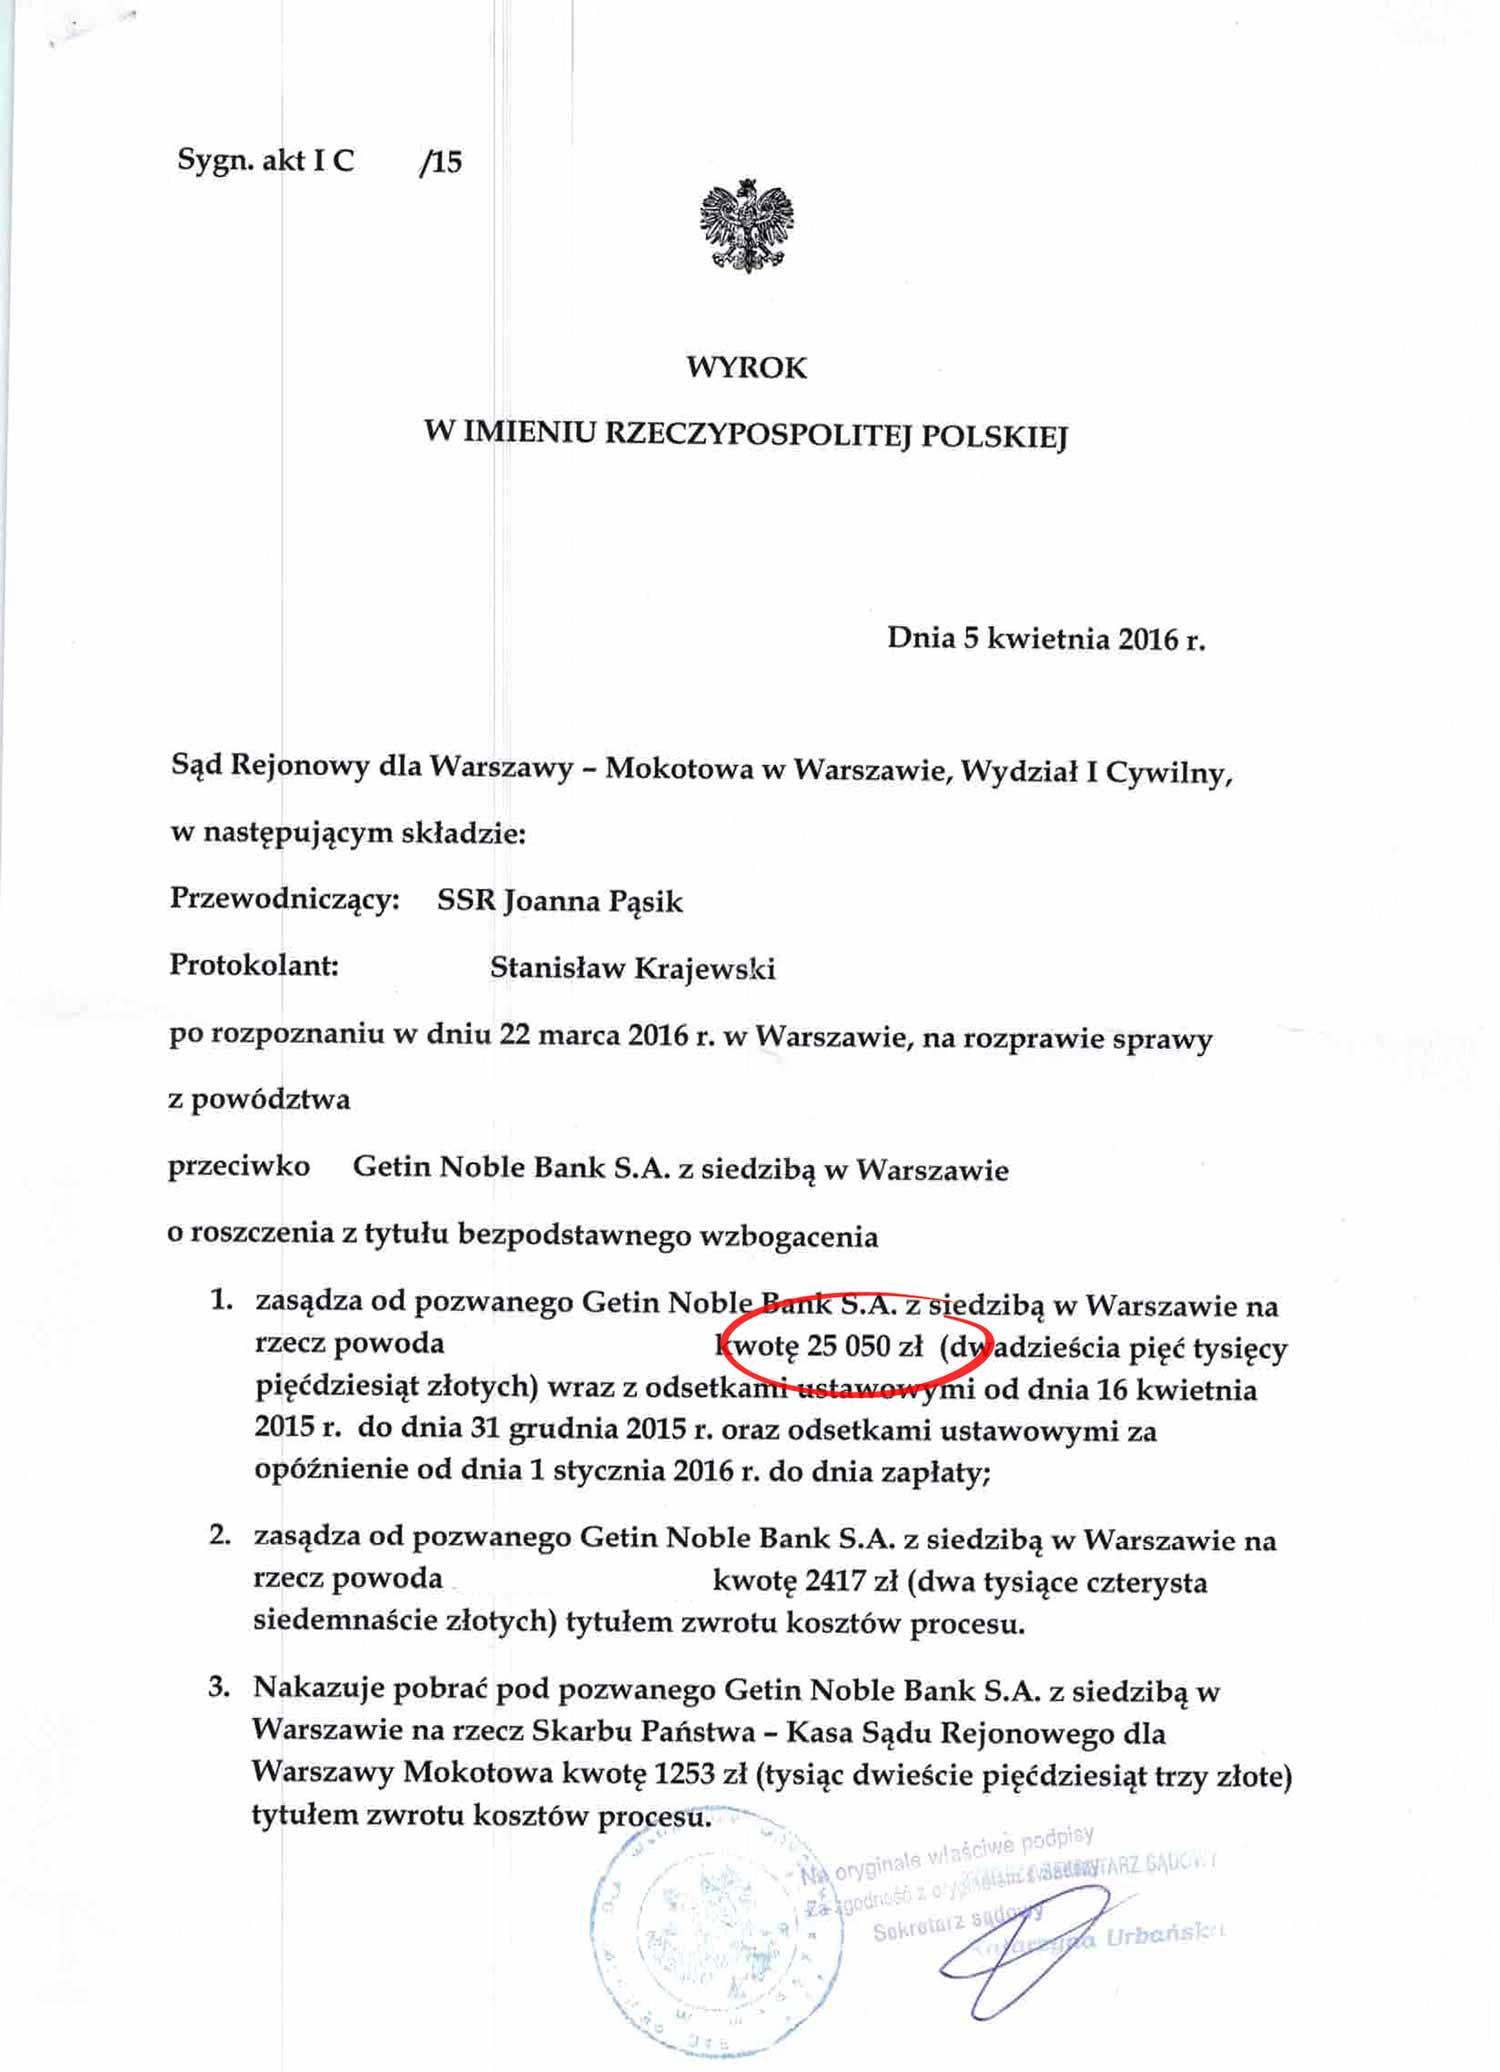 Wyrok – Getin Bank musi zwrócić 25.050zł